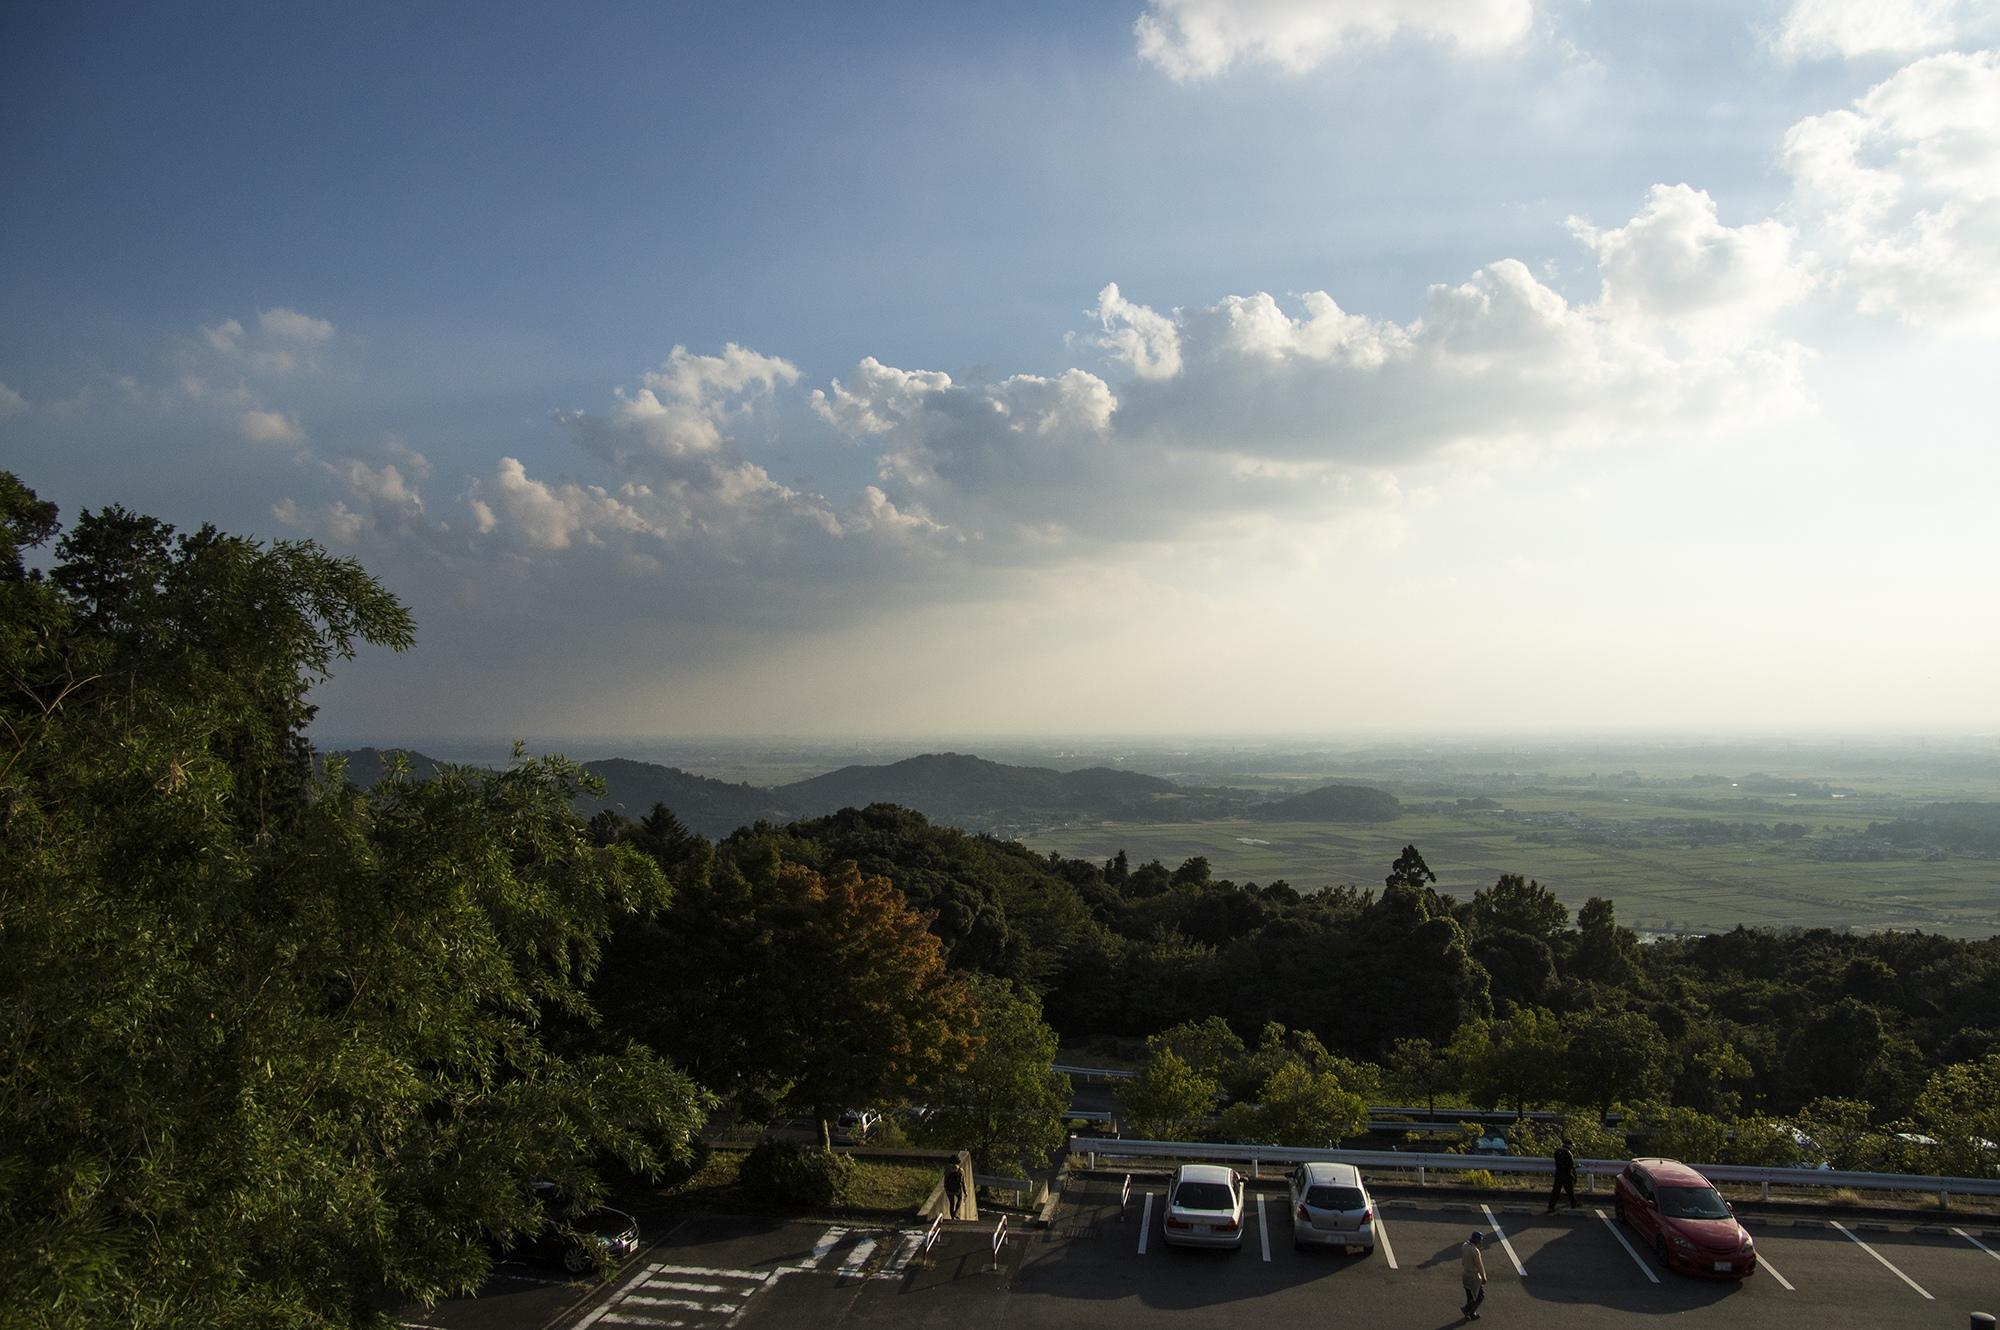 从筑波山照片的风景800x600分辨率下载